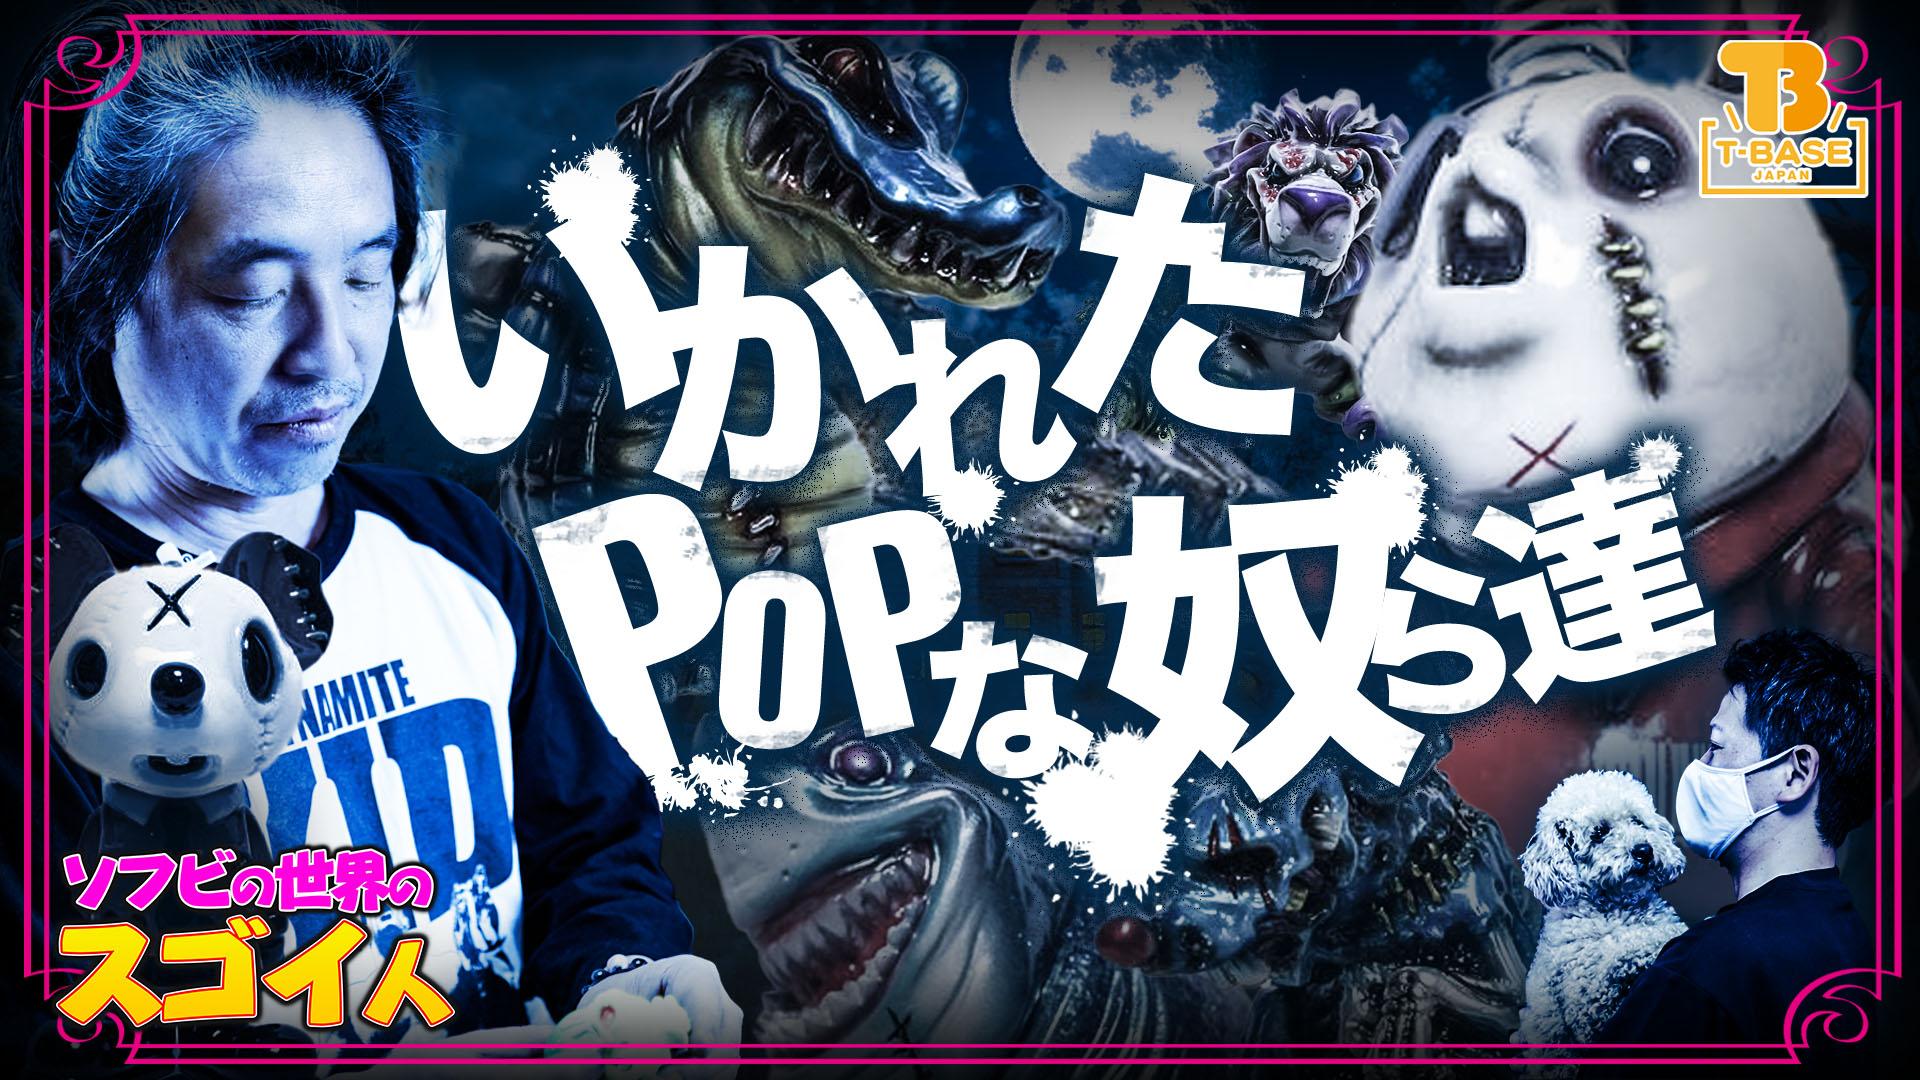 【ソフビの世界のスゴイ人】ダークでPOPなイラストレーションから始まるソフビの世界「 カゲマルデザイン 」/トイズキング限定「ノコぴょん」もT-BASEで発売!